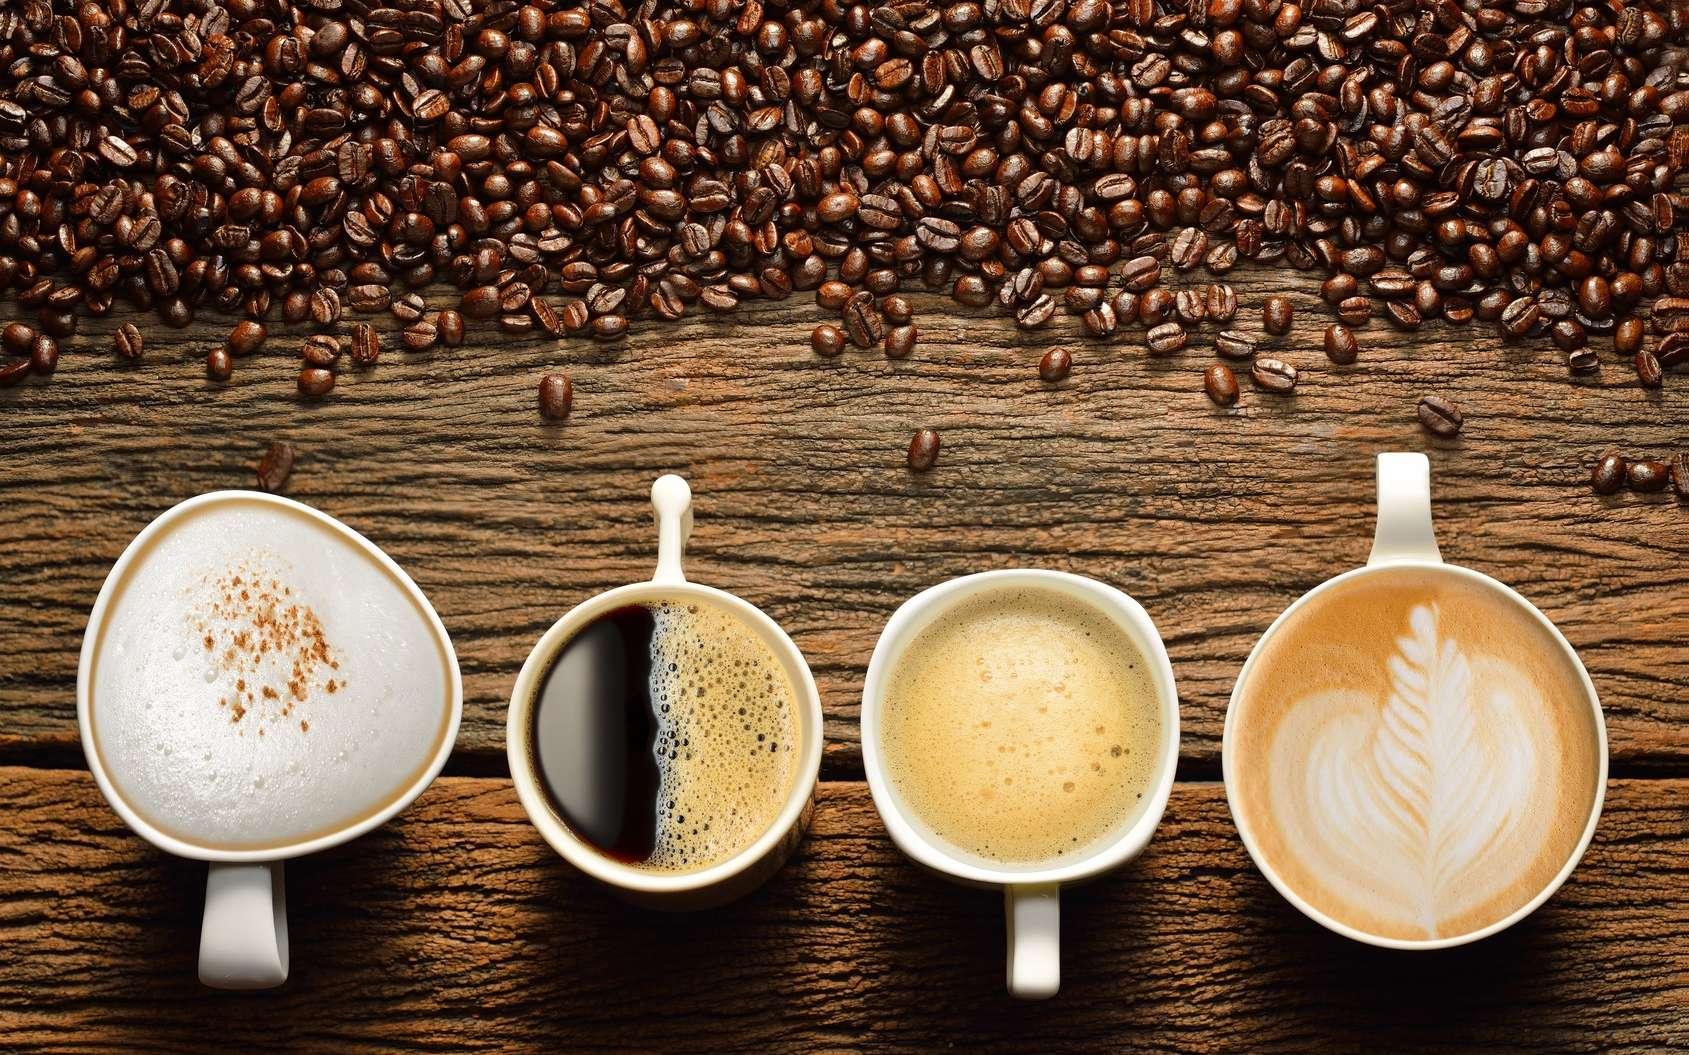 Le café est bon pour le cœur. Les effets bénéfiques se voient pour une consommation de quatre tasses. © amenic181, Fotolia